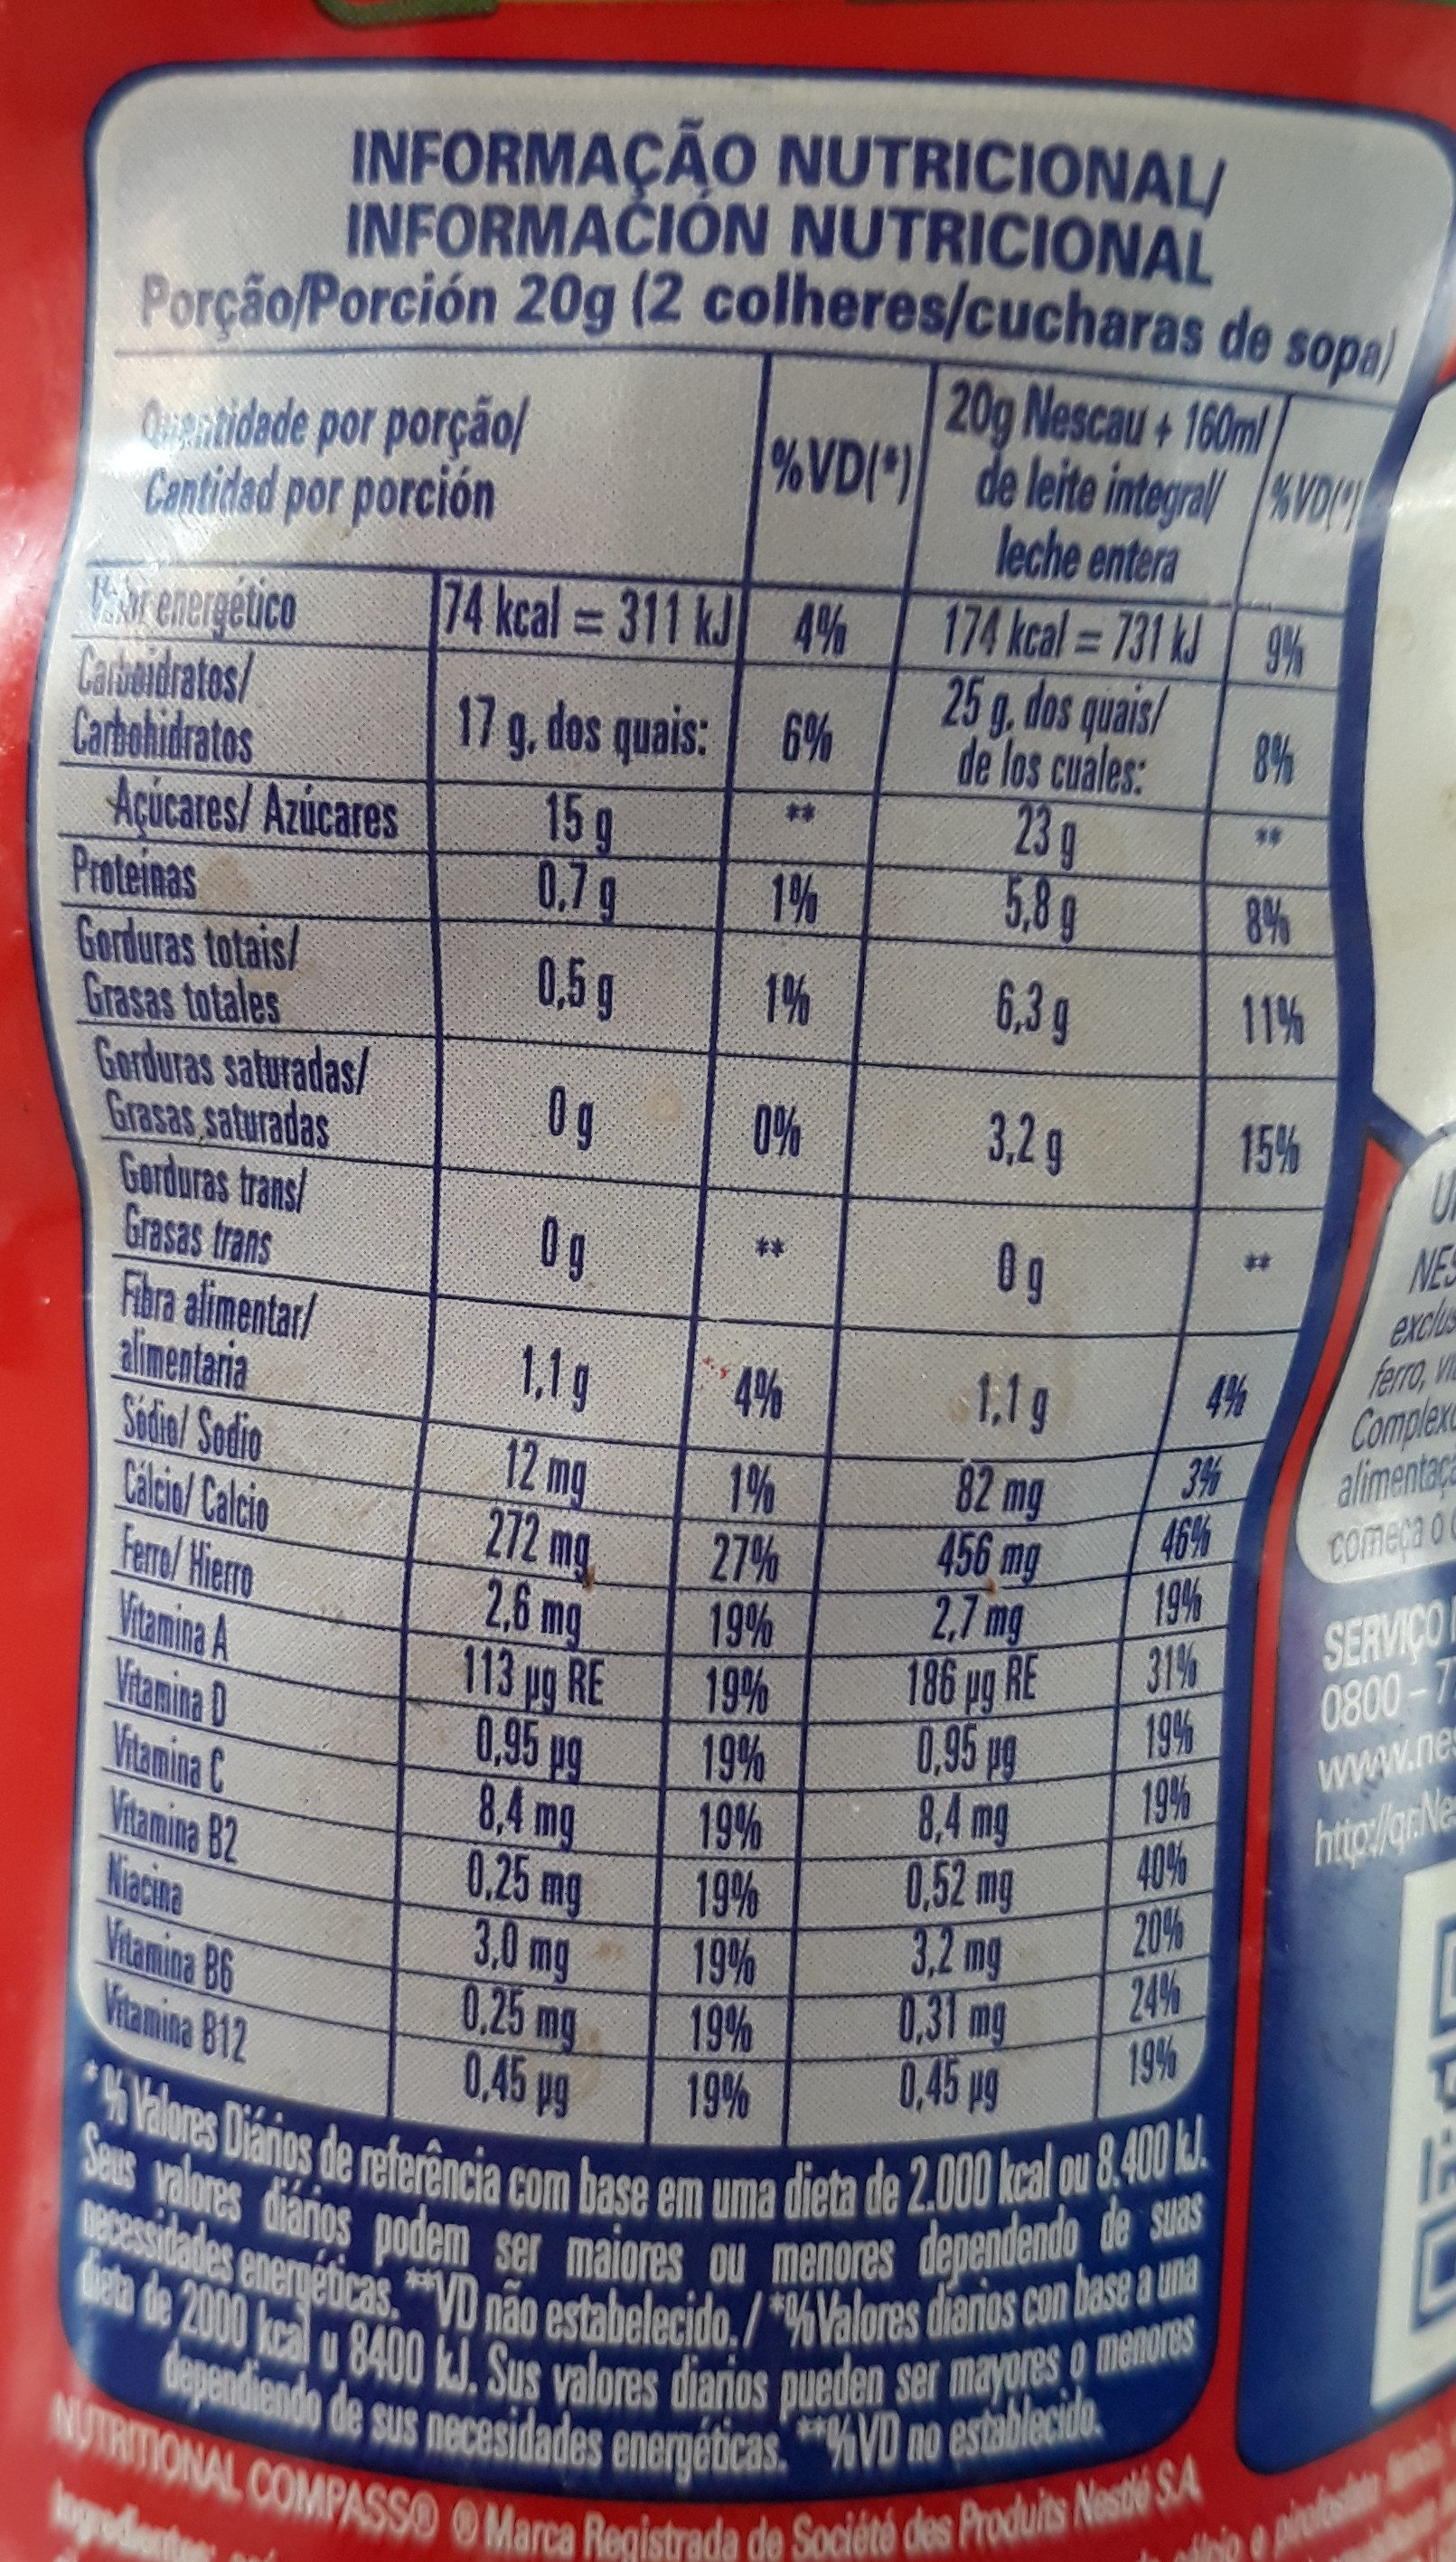 Nescau 2.0 Actigen e 400g - Informação nutricional - pt